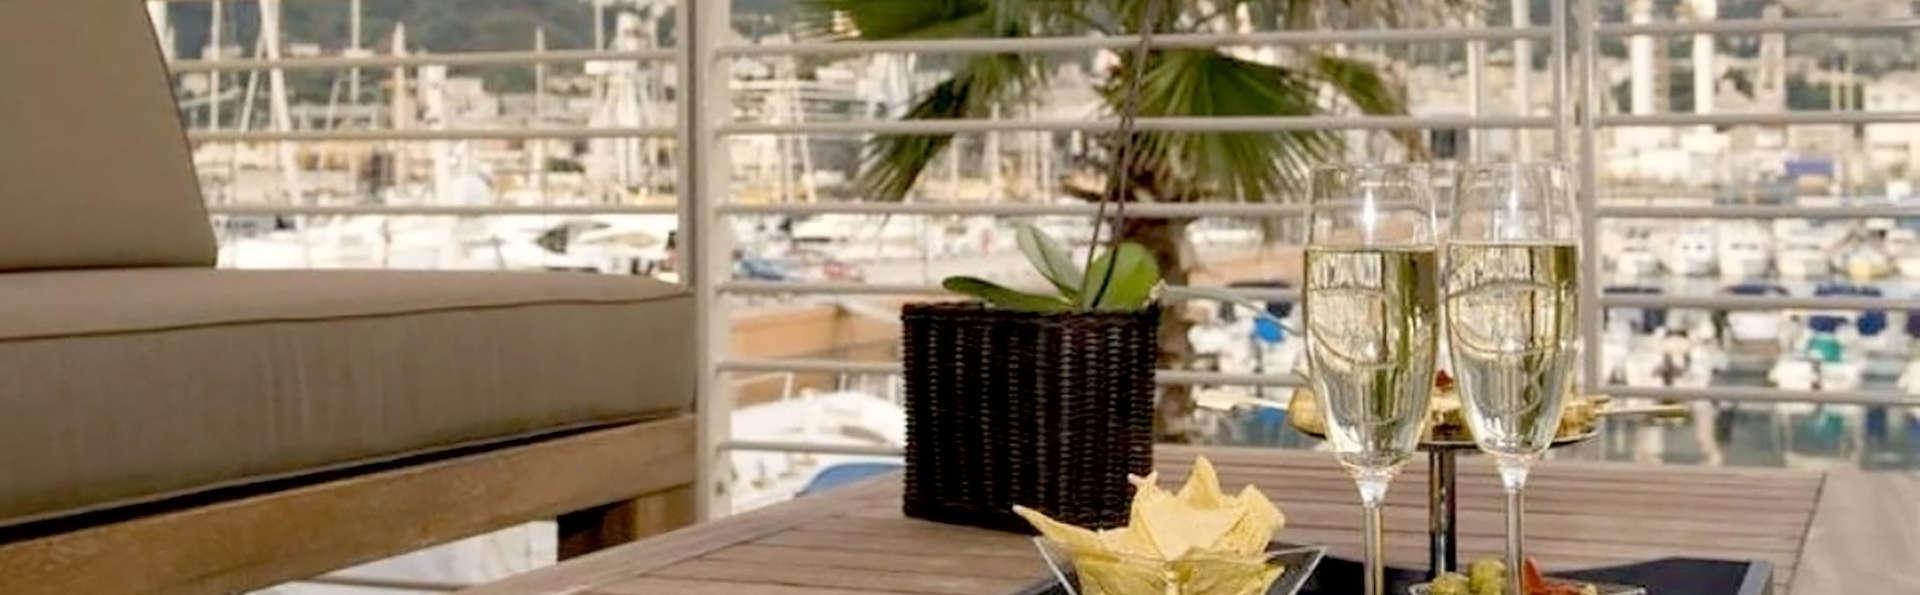 Offerta speciale per Genova: notte al porticciolo turistico ad una tariffa scontata!